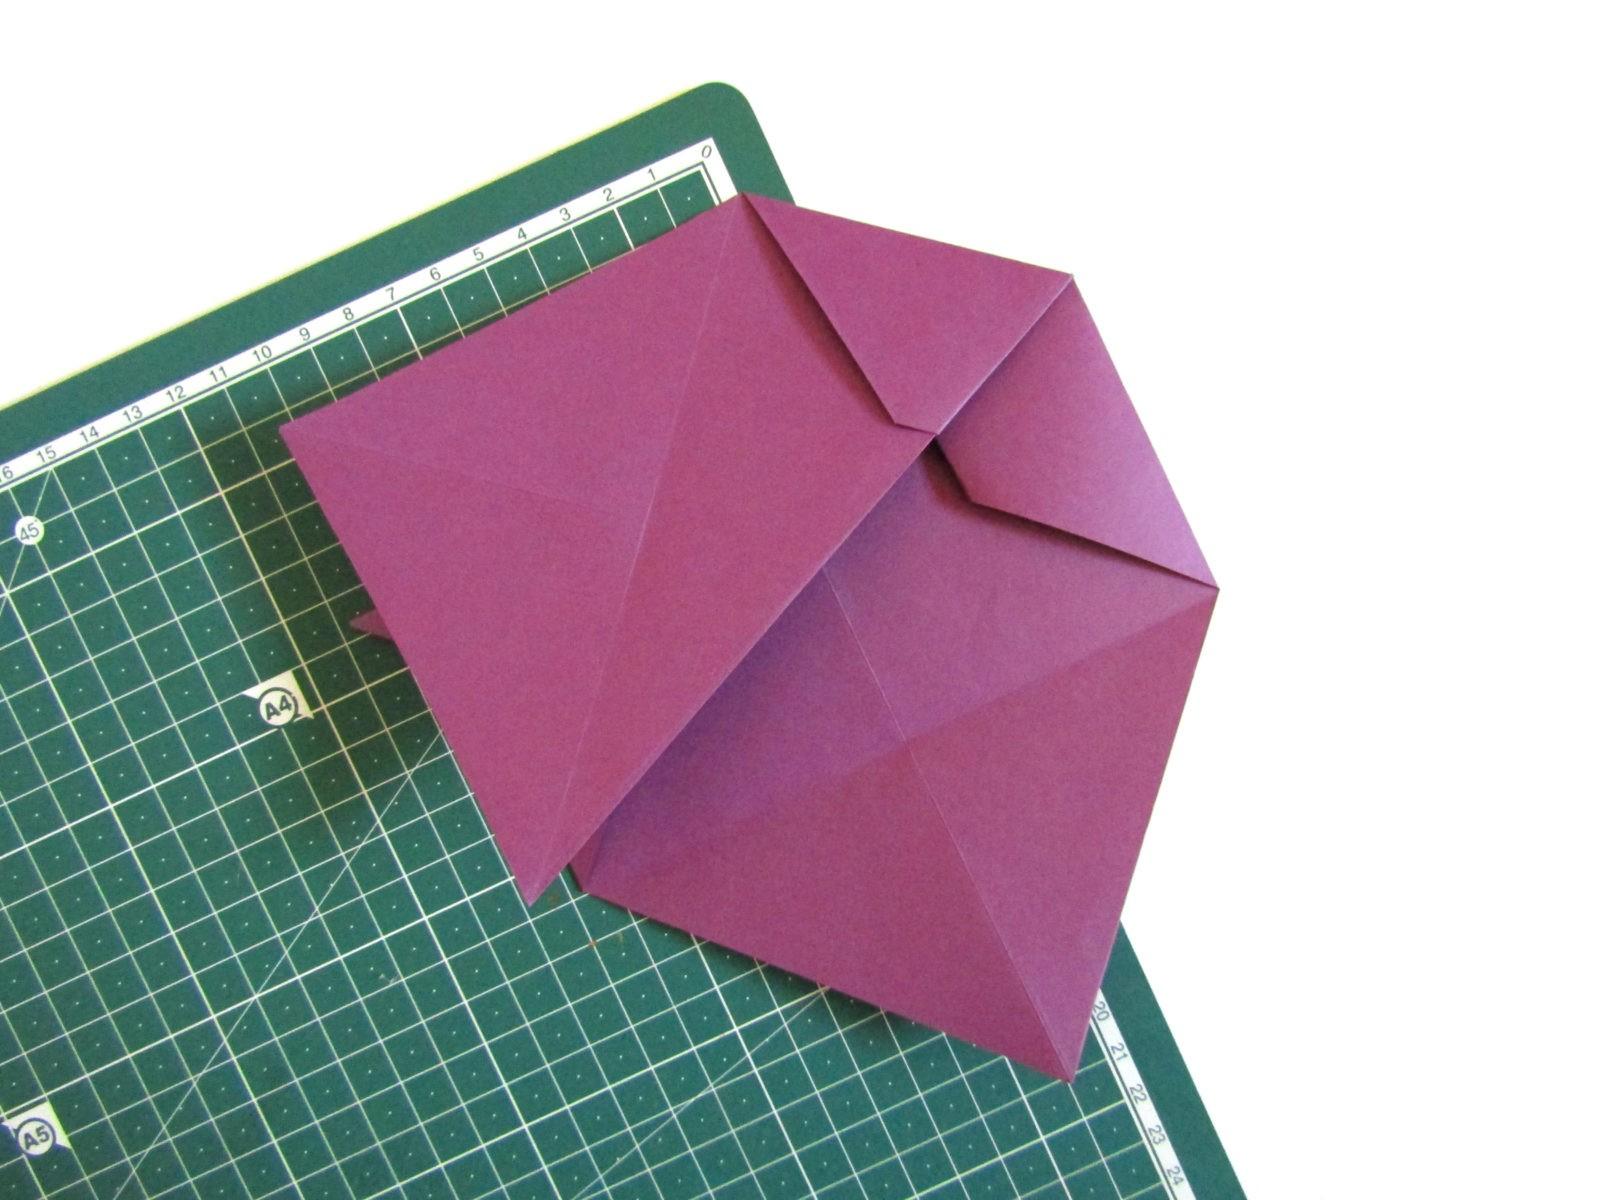 Очень легко и просто можно создать объемную поделку без использования клея. Конечно, даже ножницы могут и не понадобиться, если изначально у вас будет готовая заготовка в виде квадрата. Так получим собачку оригами благодаря ловкости рук! - 10